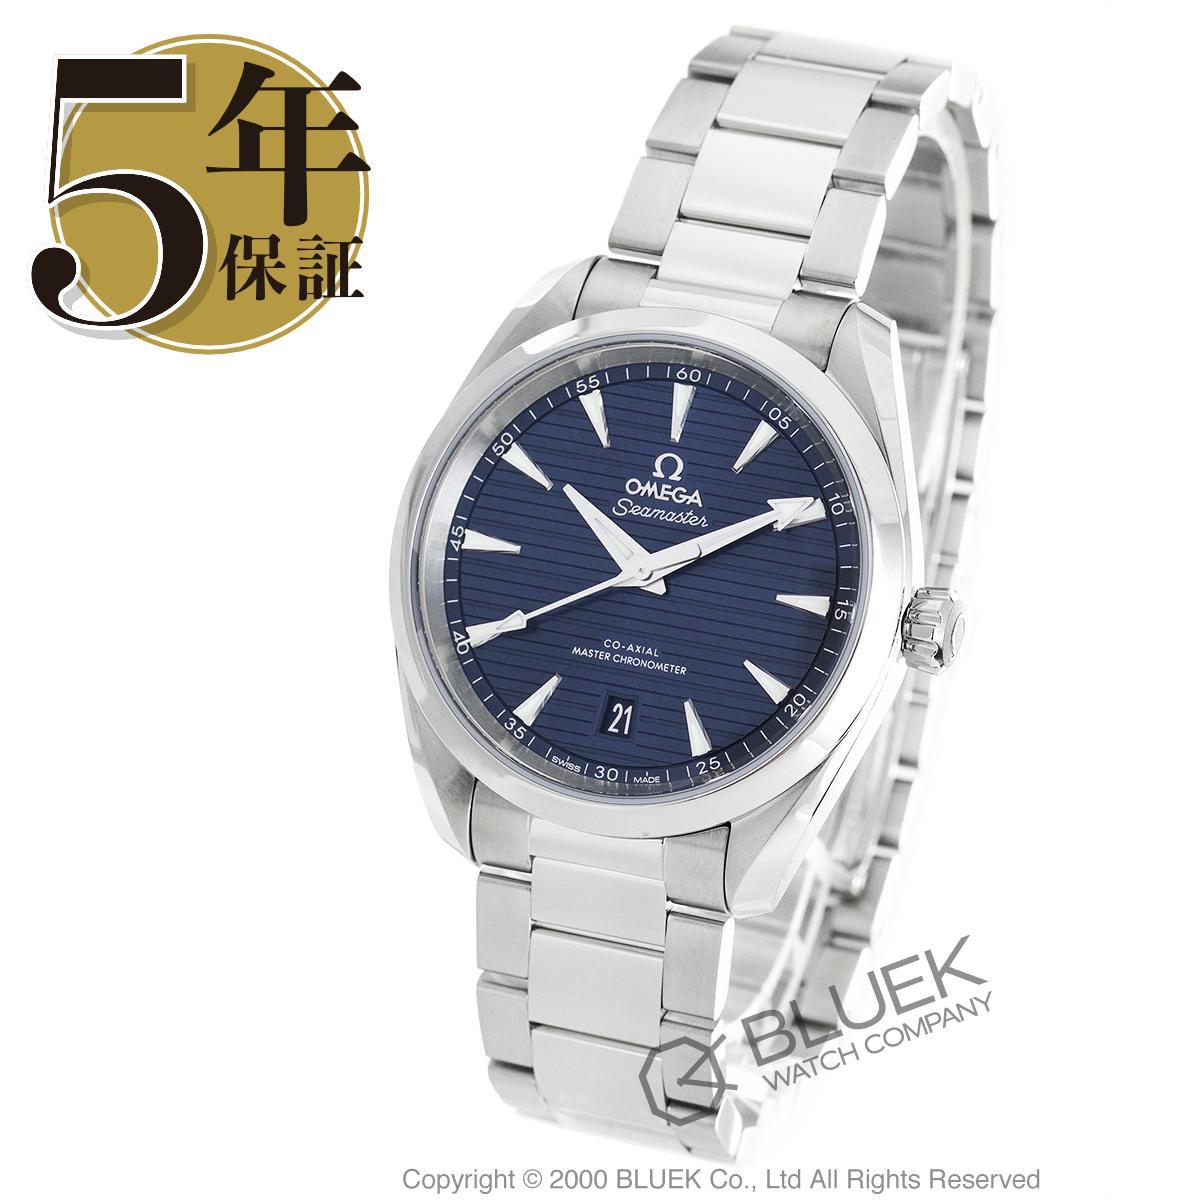 オメガ シーマスター アクアテラ マスタークロノメーター 腕時計 メンズ OMEGA 220.10.38.20.03.001_5